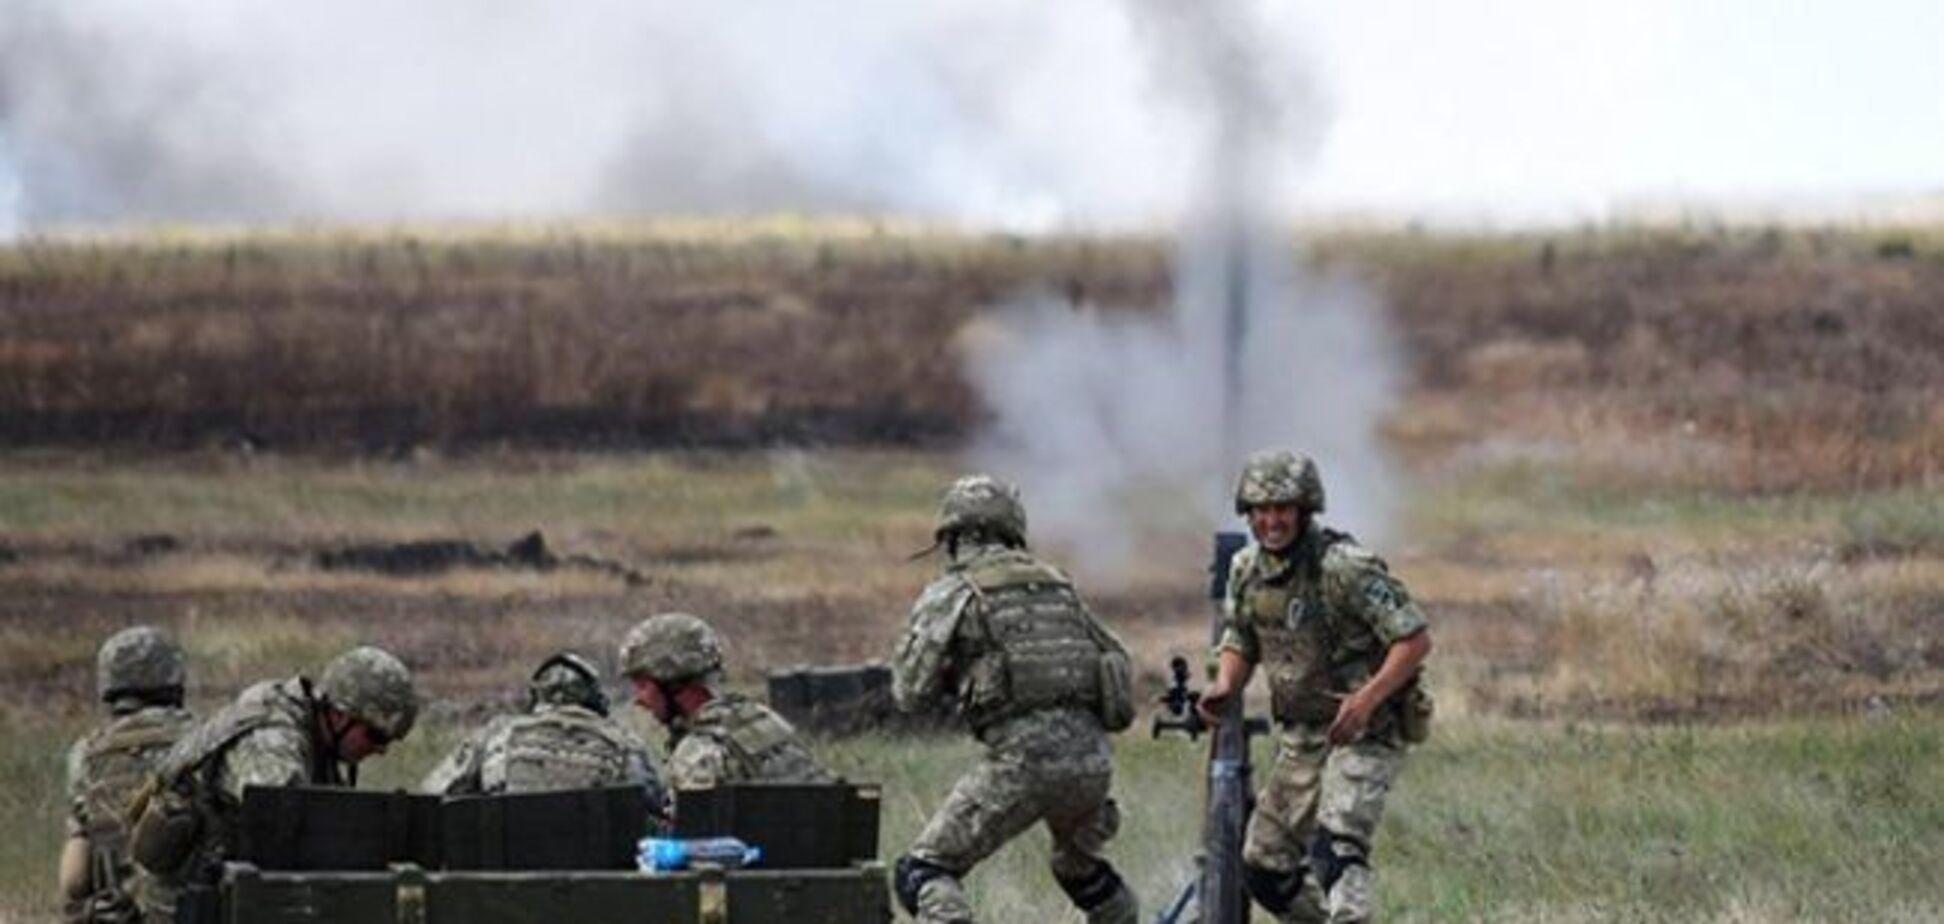 Прицельно обстреляли: 'Л/ДНР' устроили коварную провокацию на Донбассе